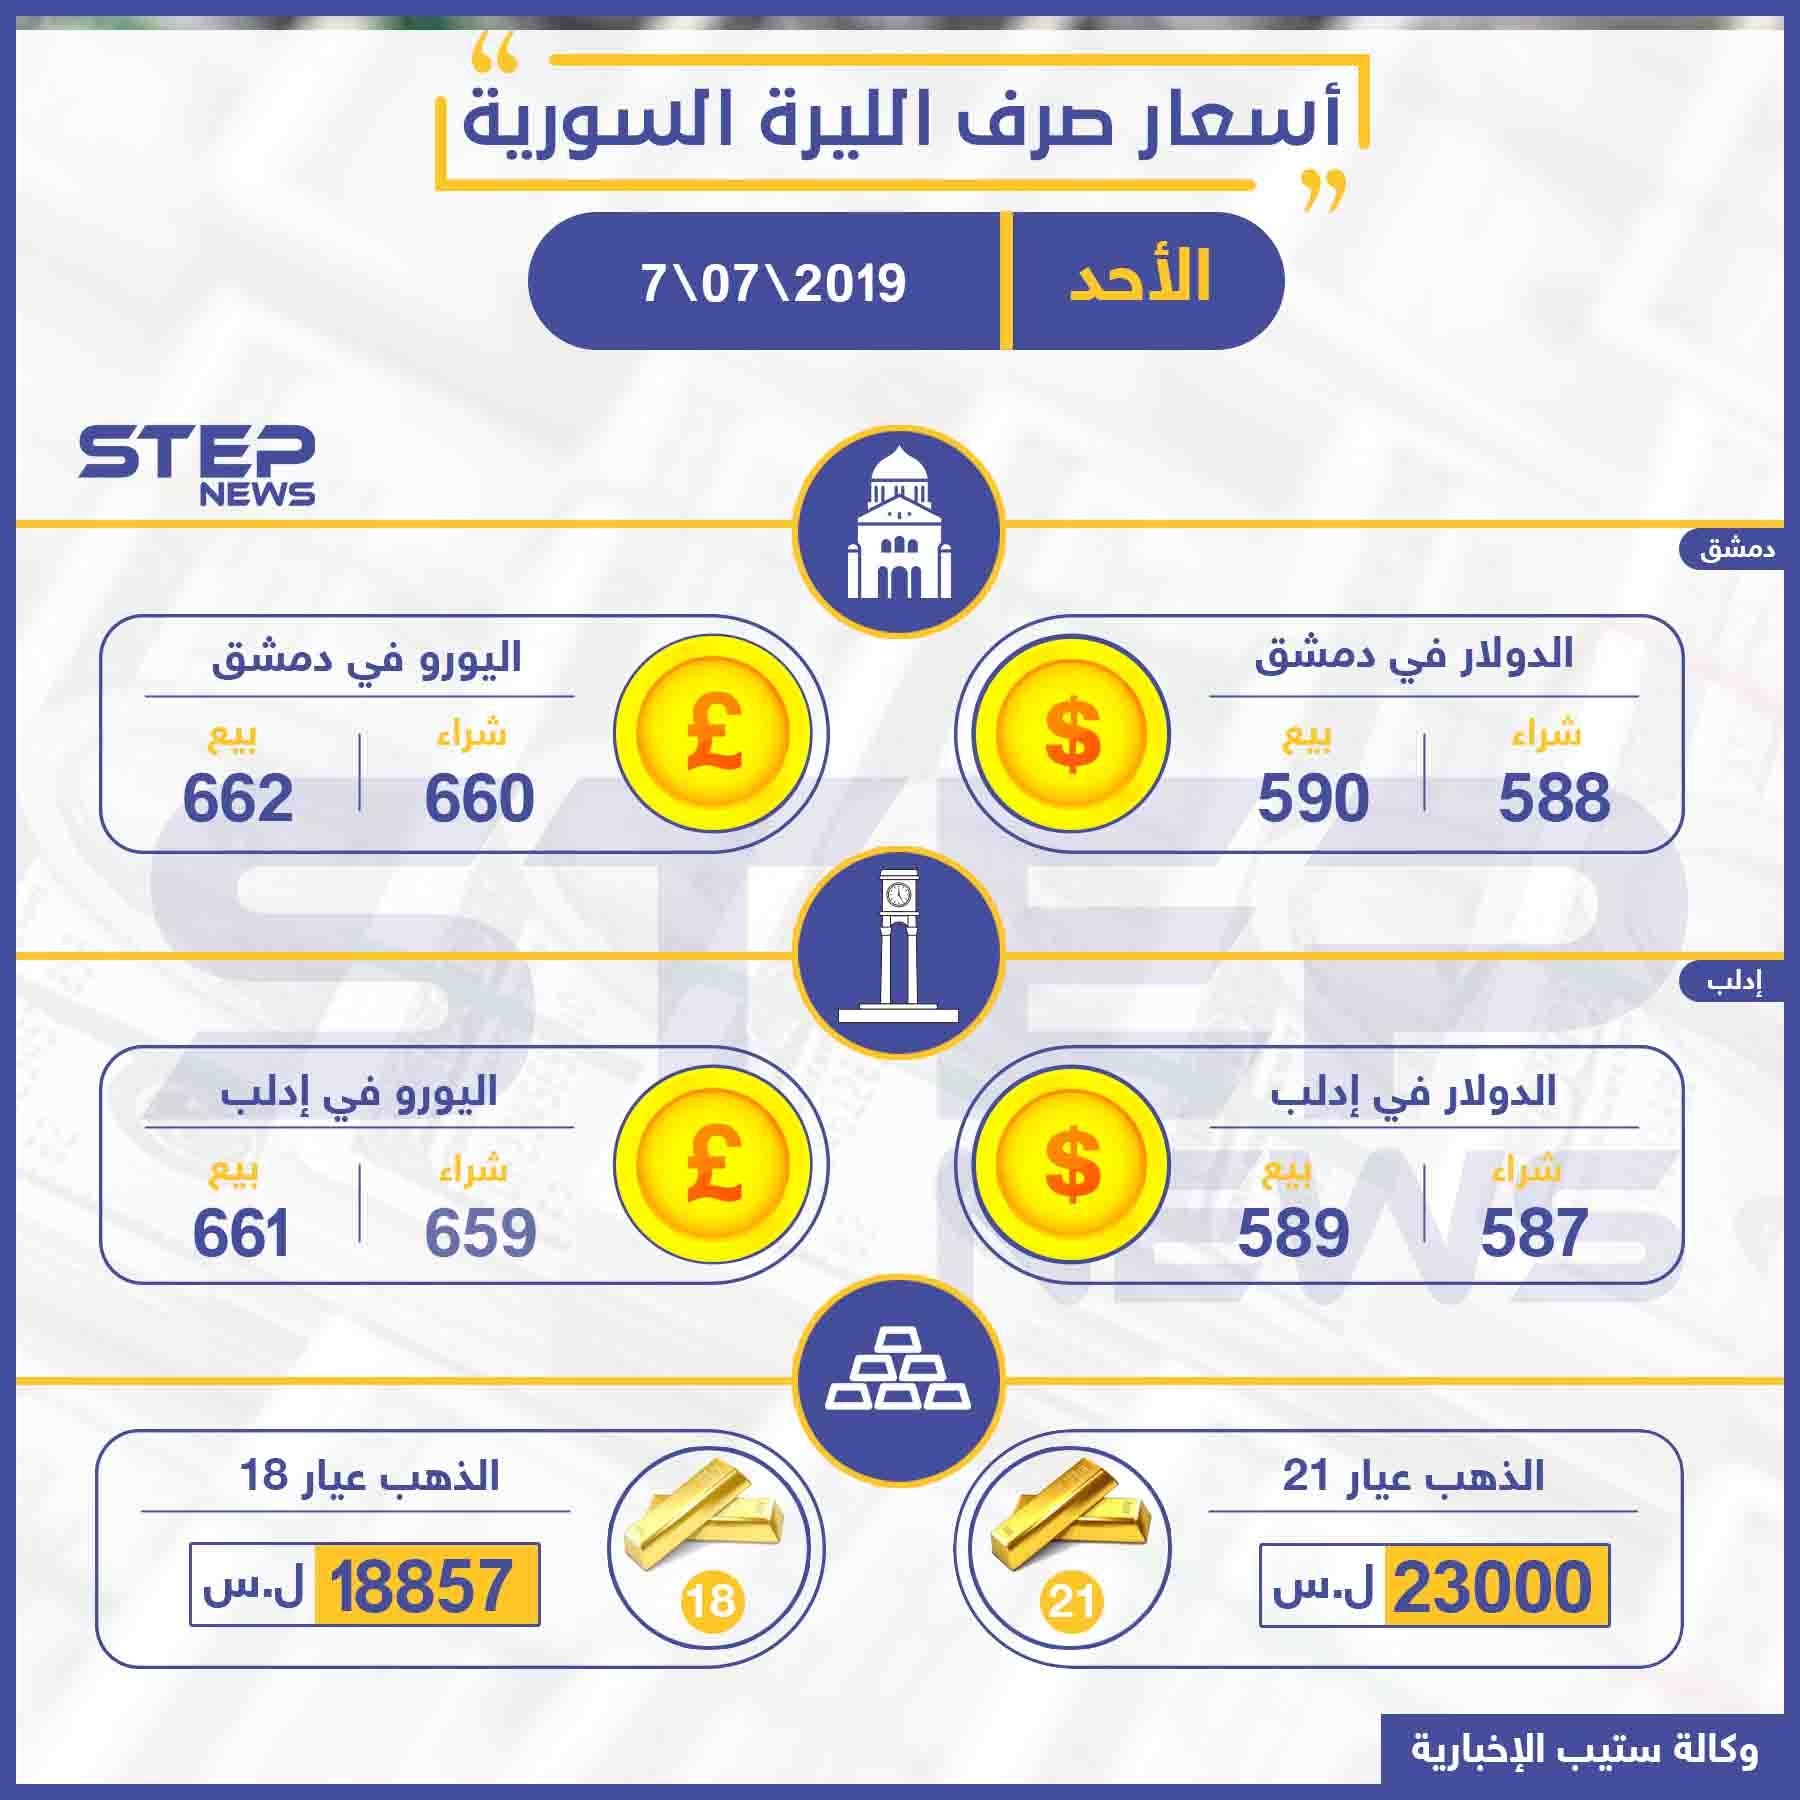 أسعار الذهب والعملات في سوريا اليوم 7-07-2019